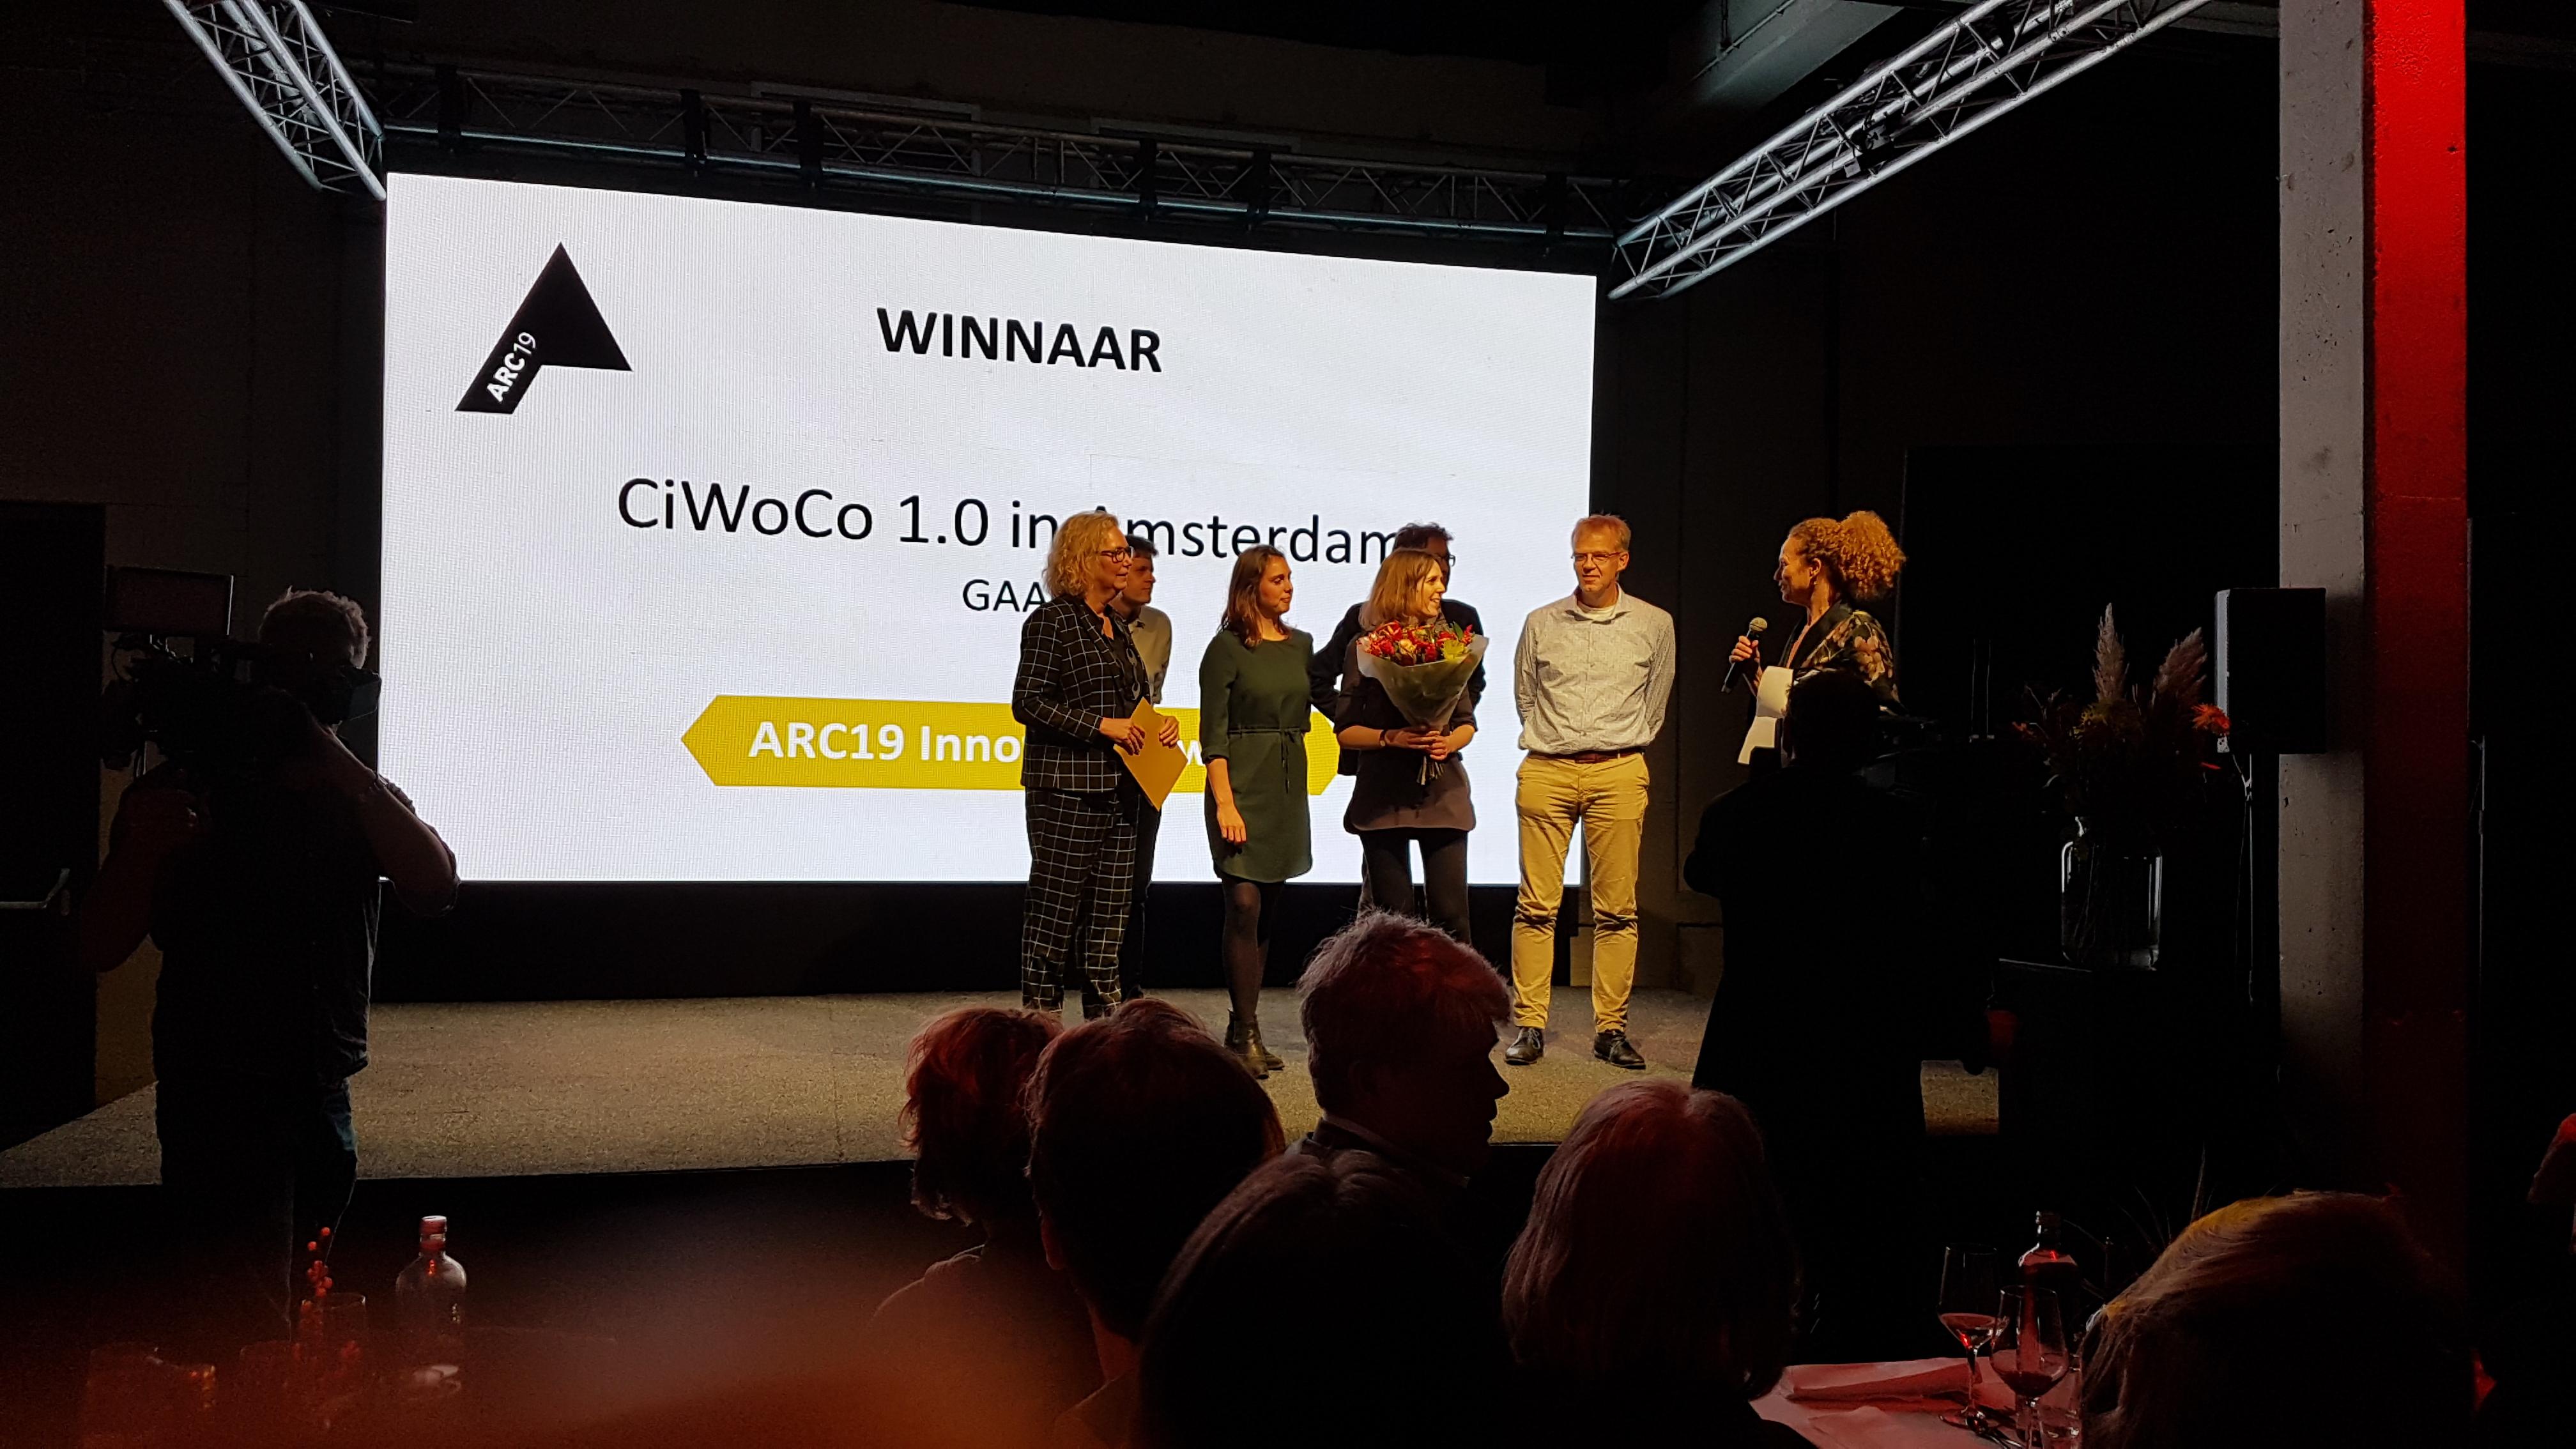 <p>GAAGA ontvangt uit handen van Irma van Oort van KCAP de ARC19 Innovatie Award voor CiWoCo 1.0</p>